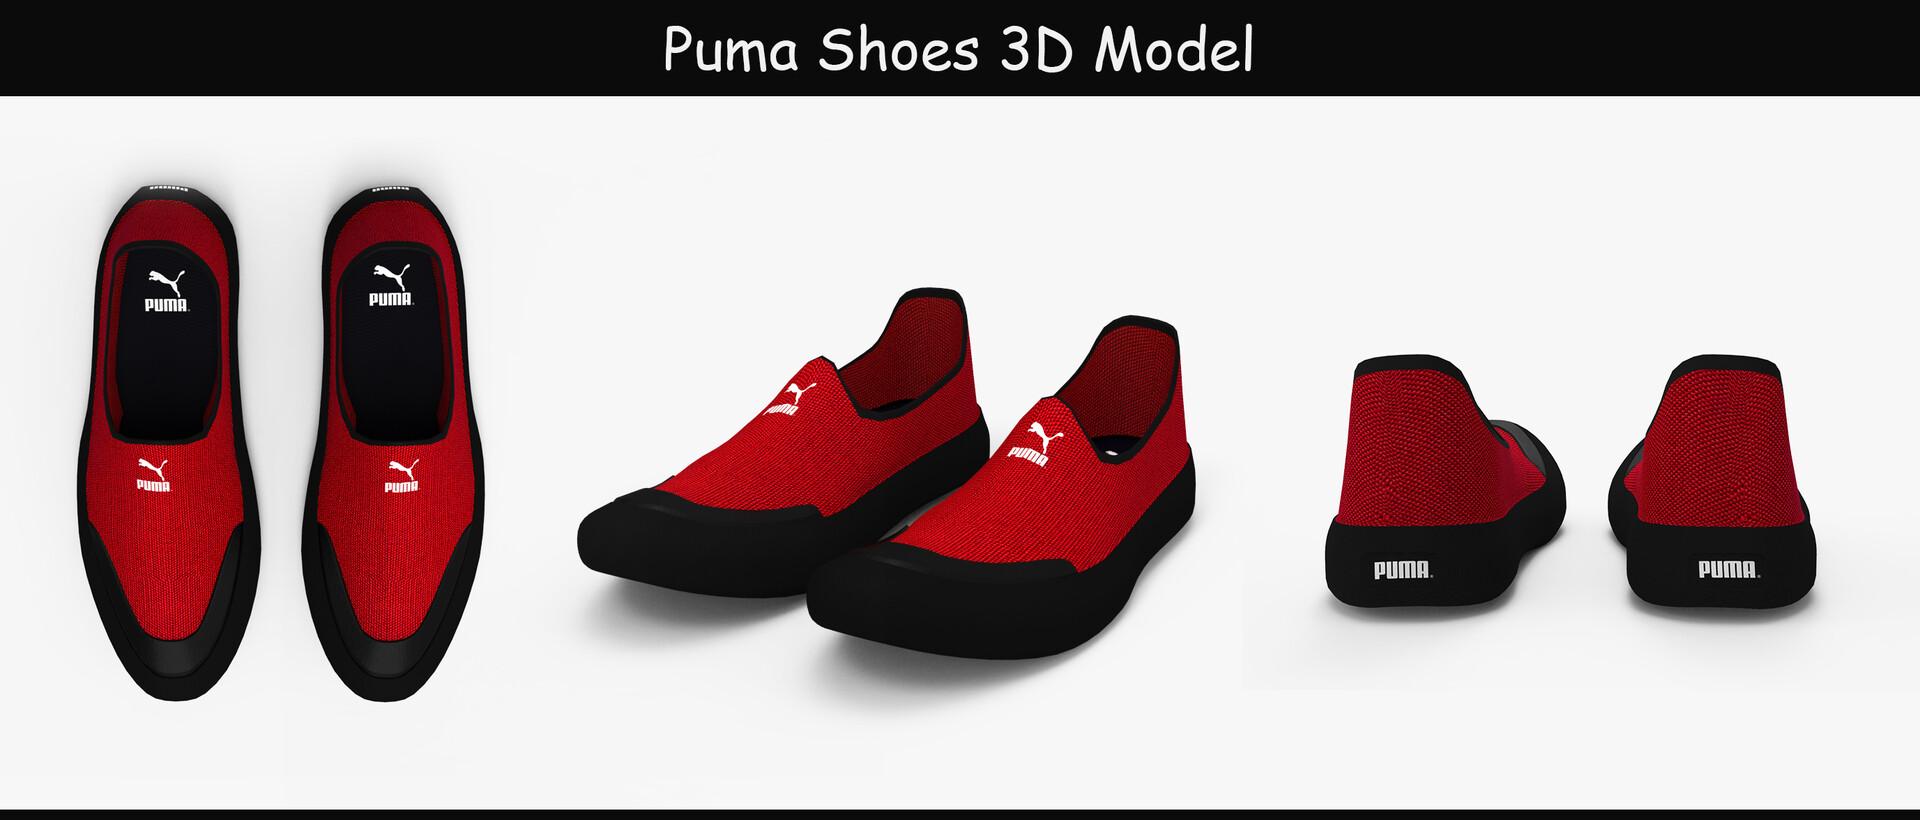 puma 3d